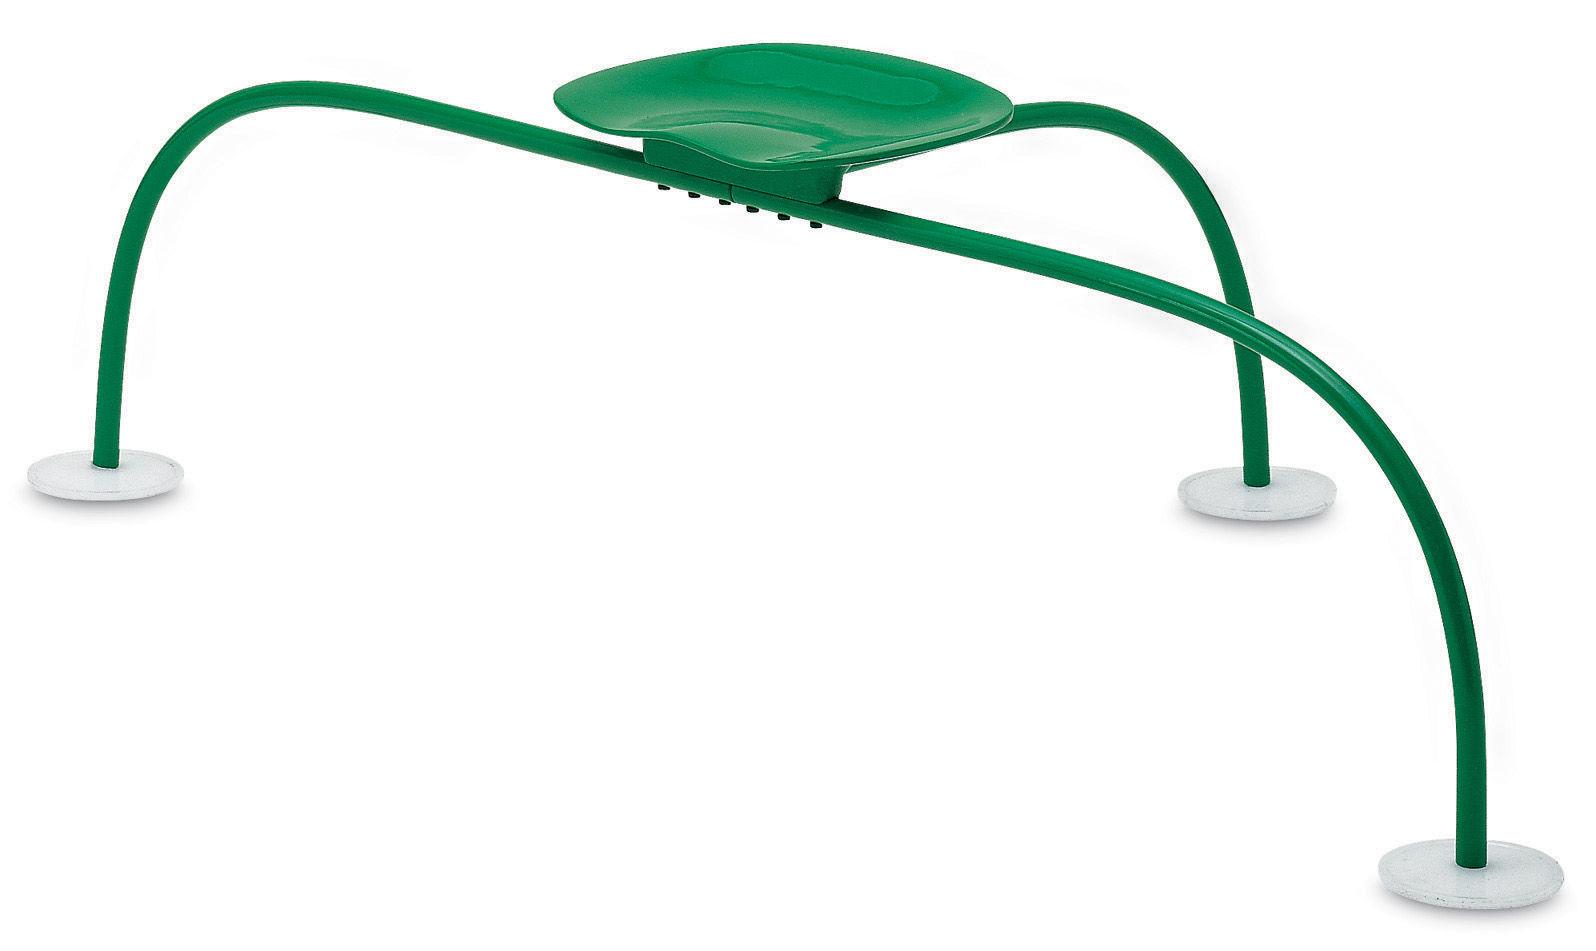 Möbel - Hocker - Allunaggio Hocker / Metall - Zanotta - Wiesengrün - Aluminium, Stahl